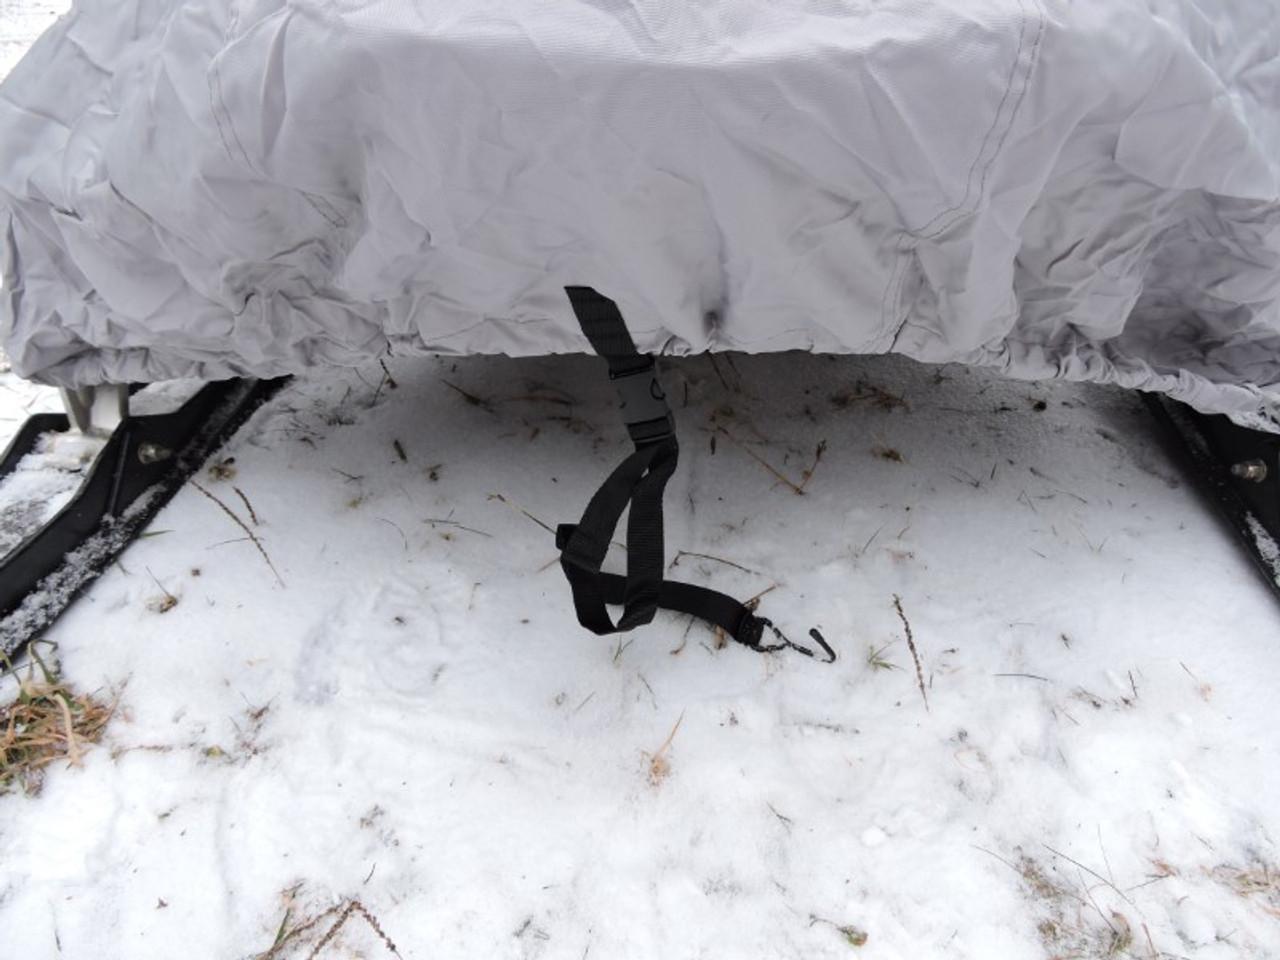 Venture snowmobile cover nose strap